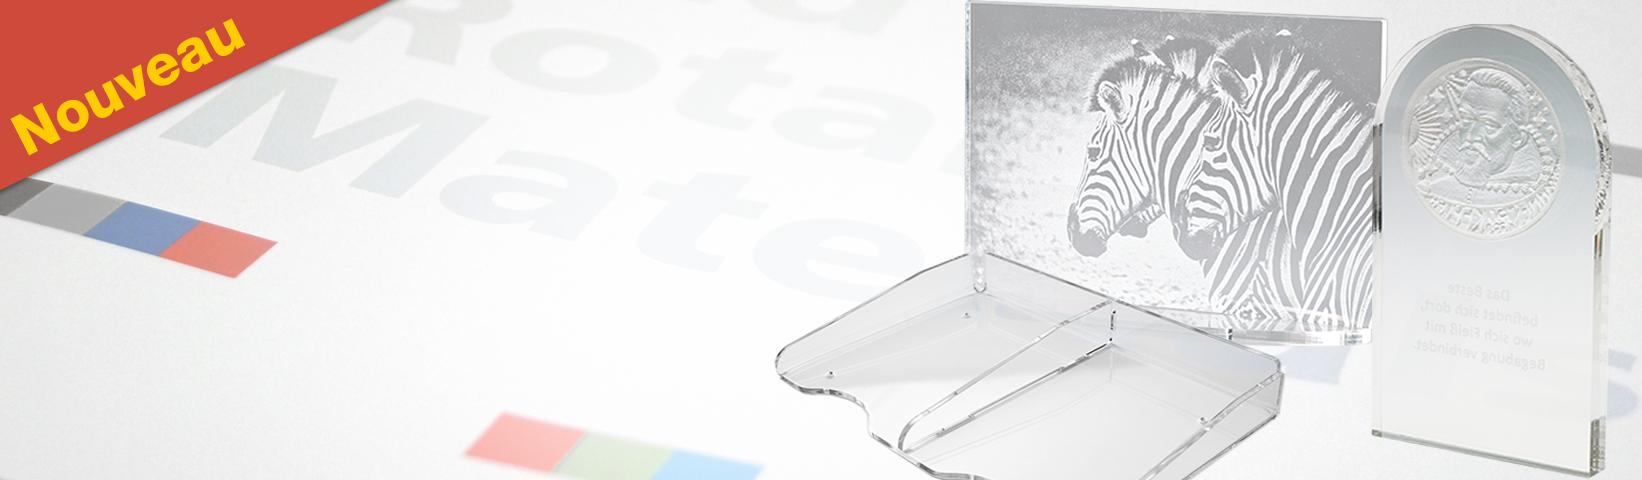 CA FR Slide 2 - TroGlass Clear